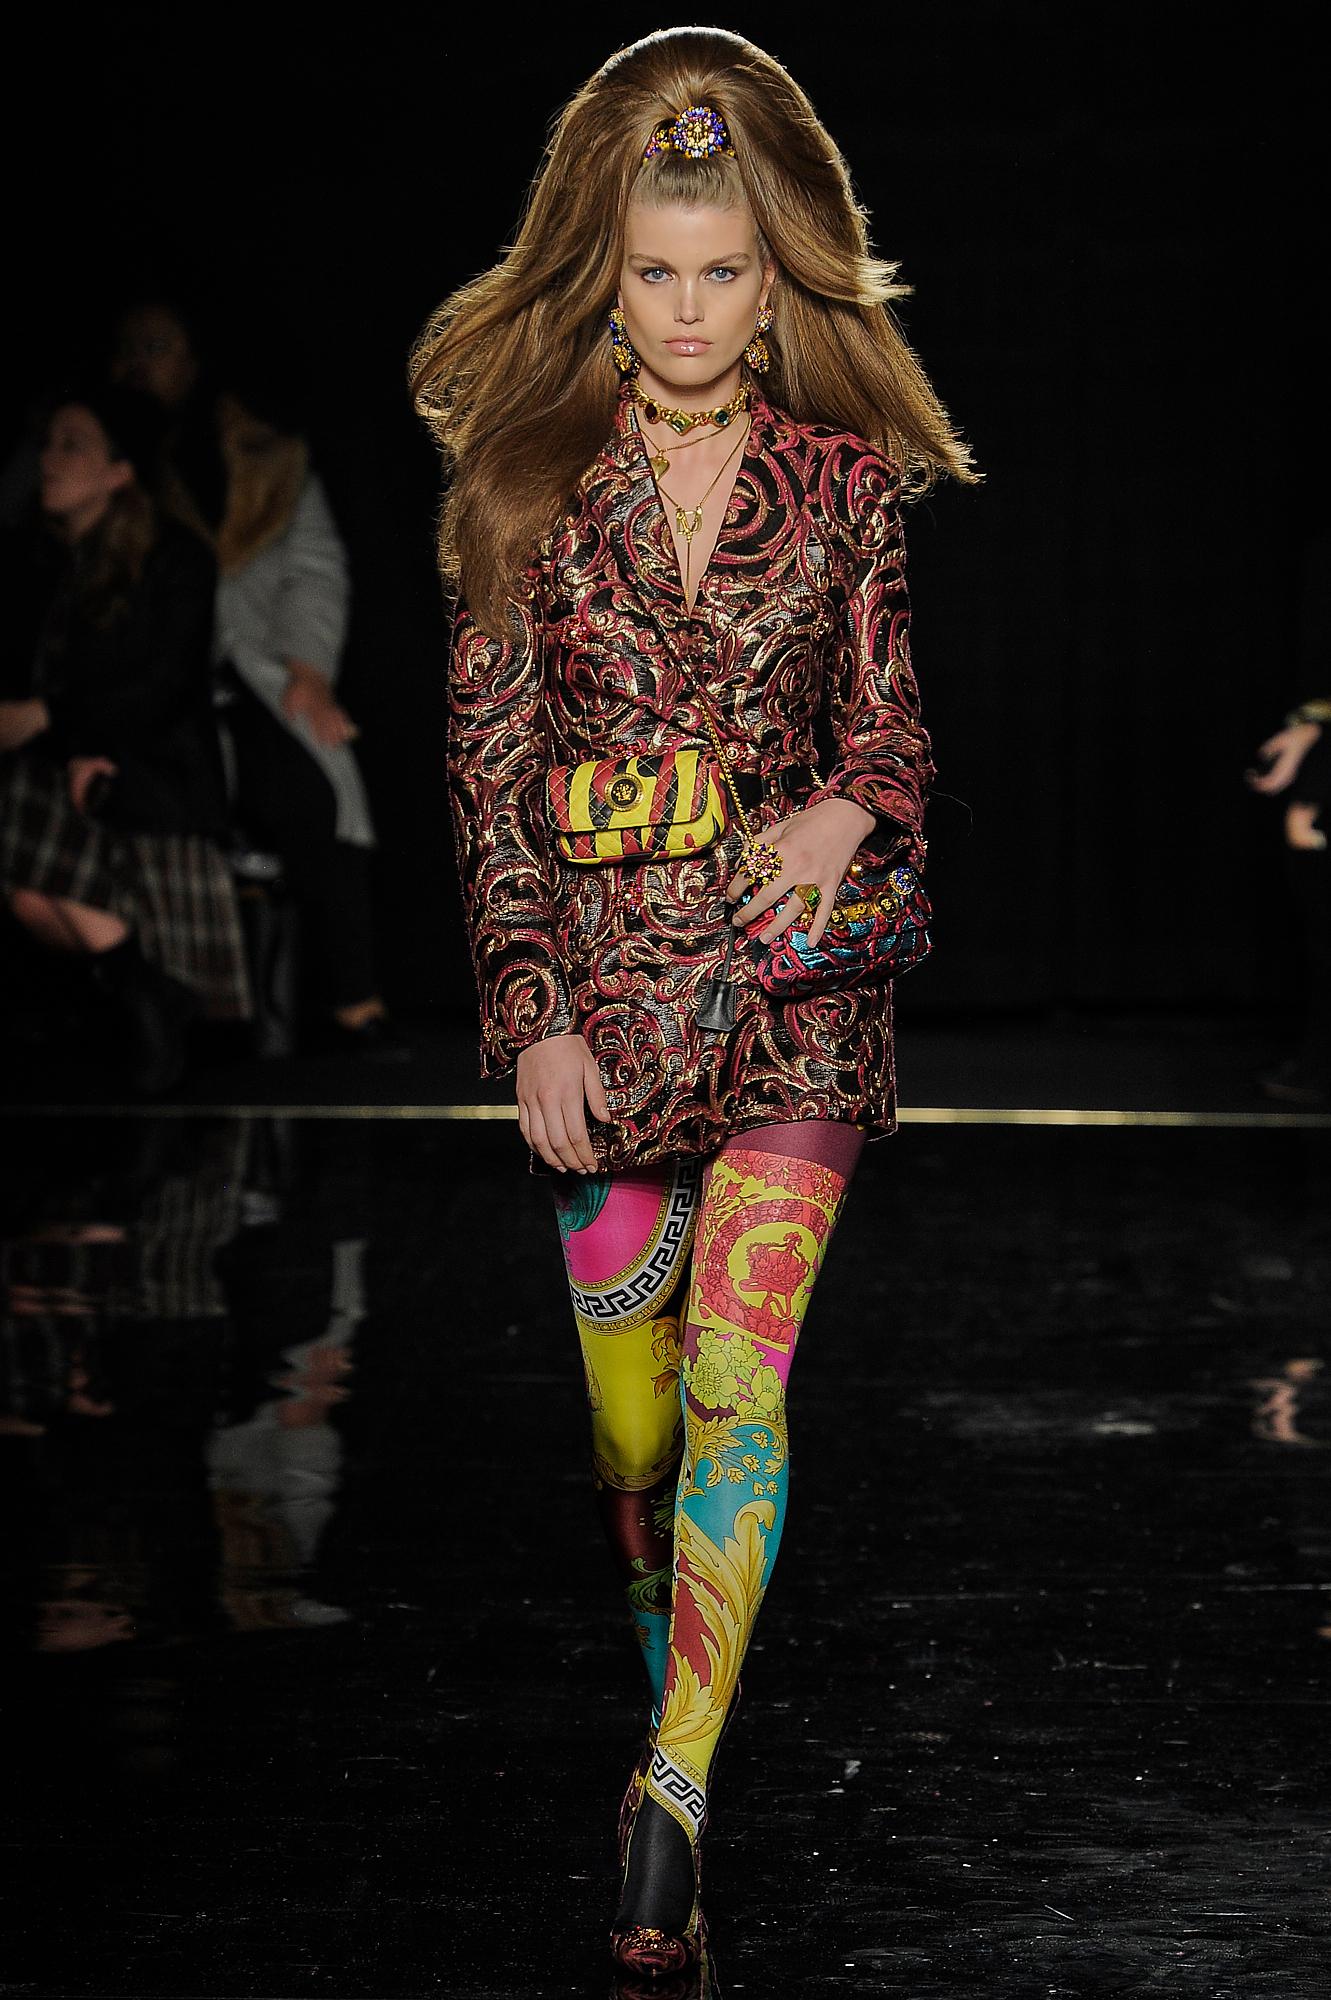 Versace_40_1a_versace_runway_runway_00040.jpg